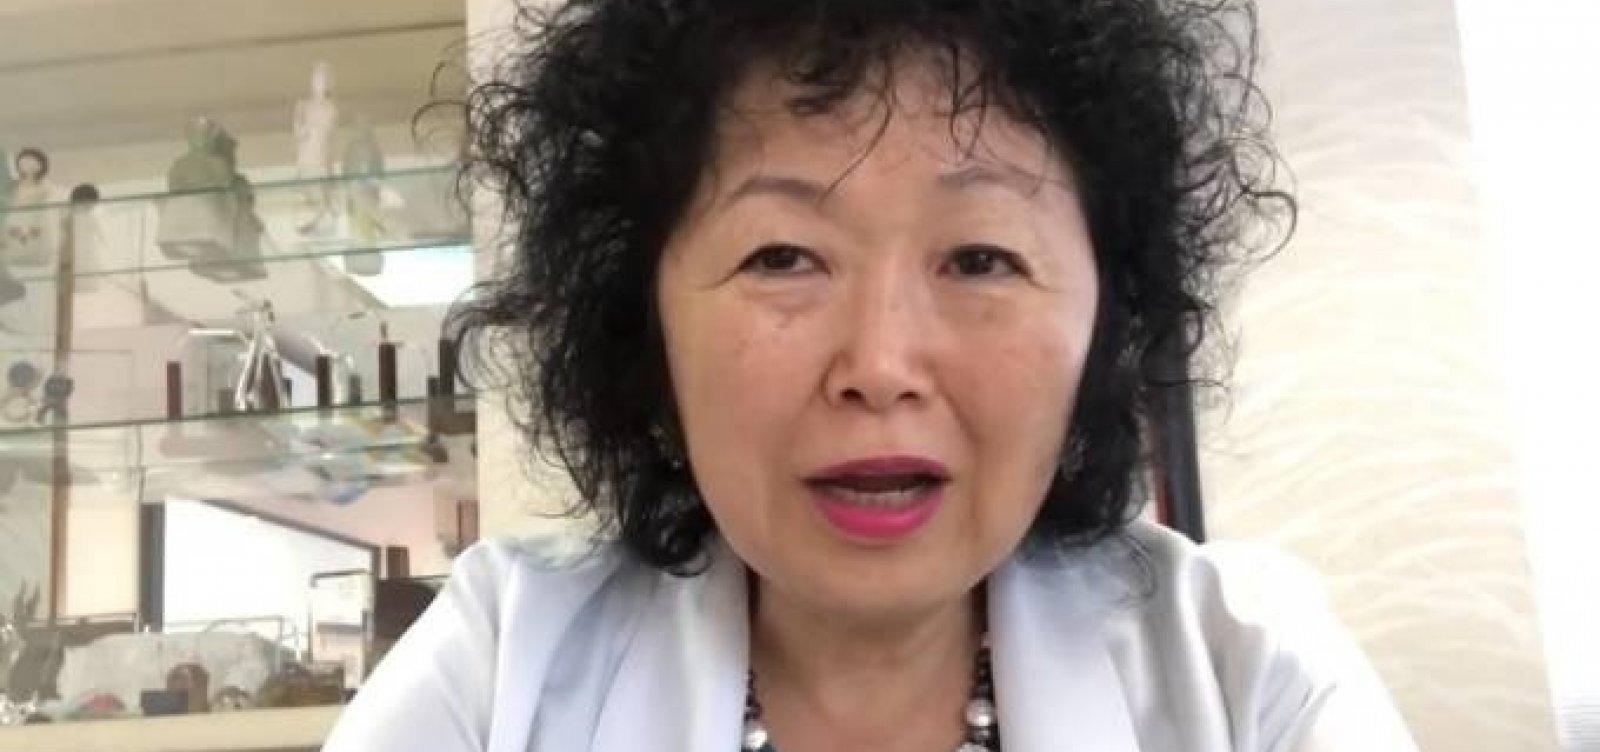 """Médica Nise Yamaguchi fala em """"crueldade"""" e move processo contra Omar Aziz e Otto Alencar"""